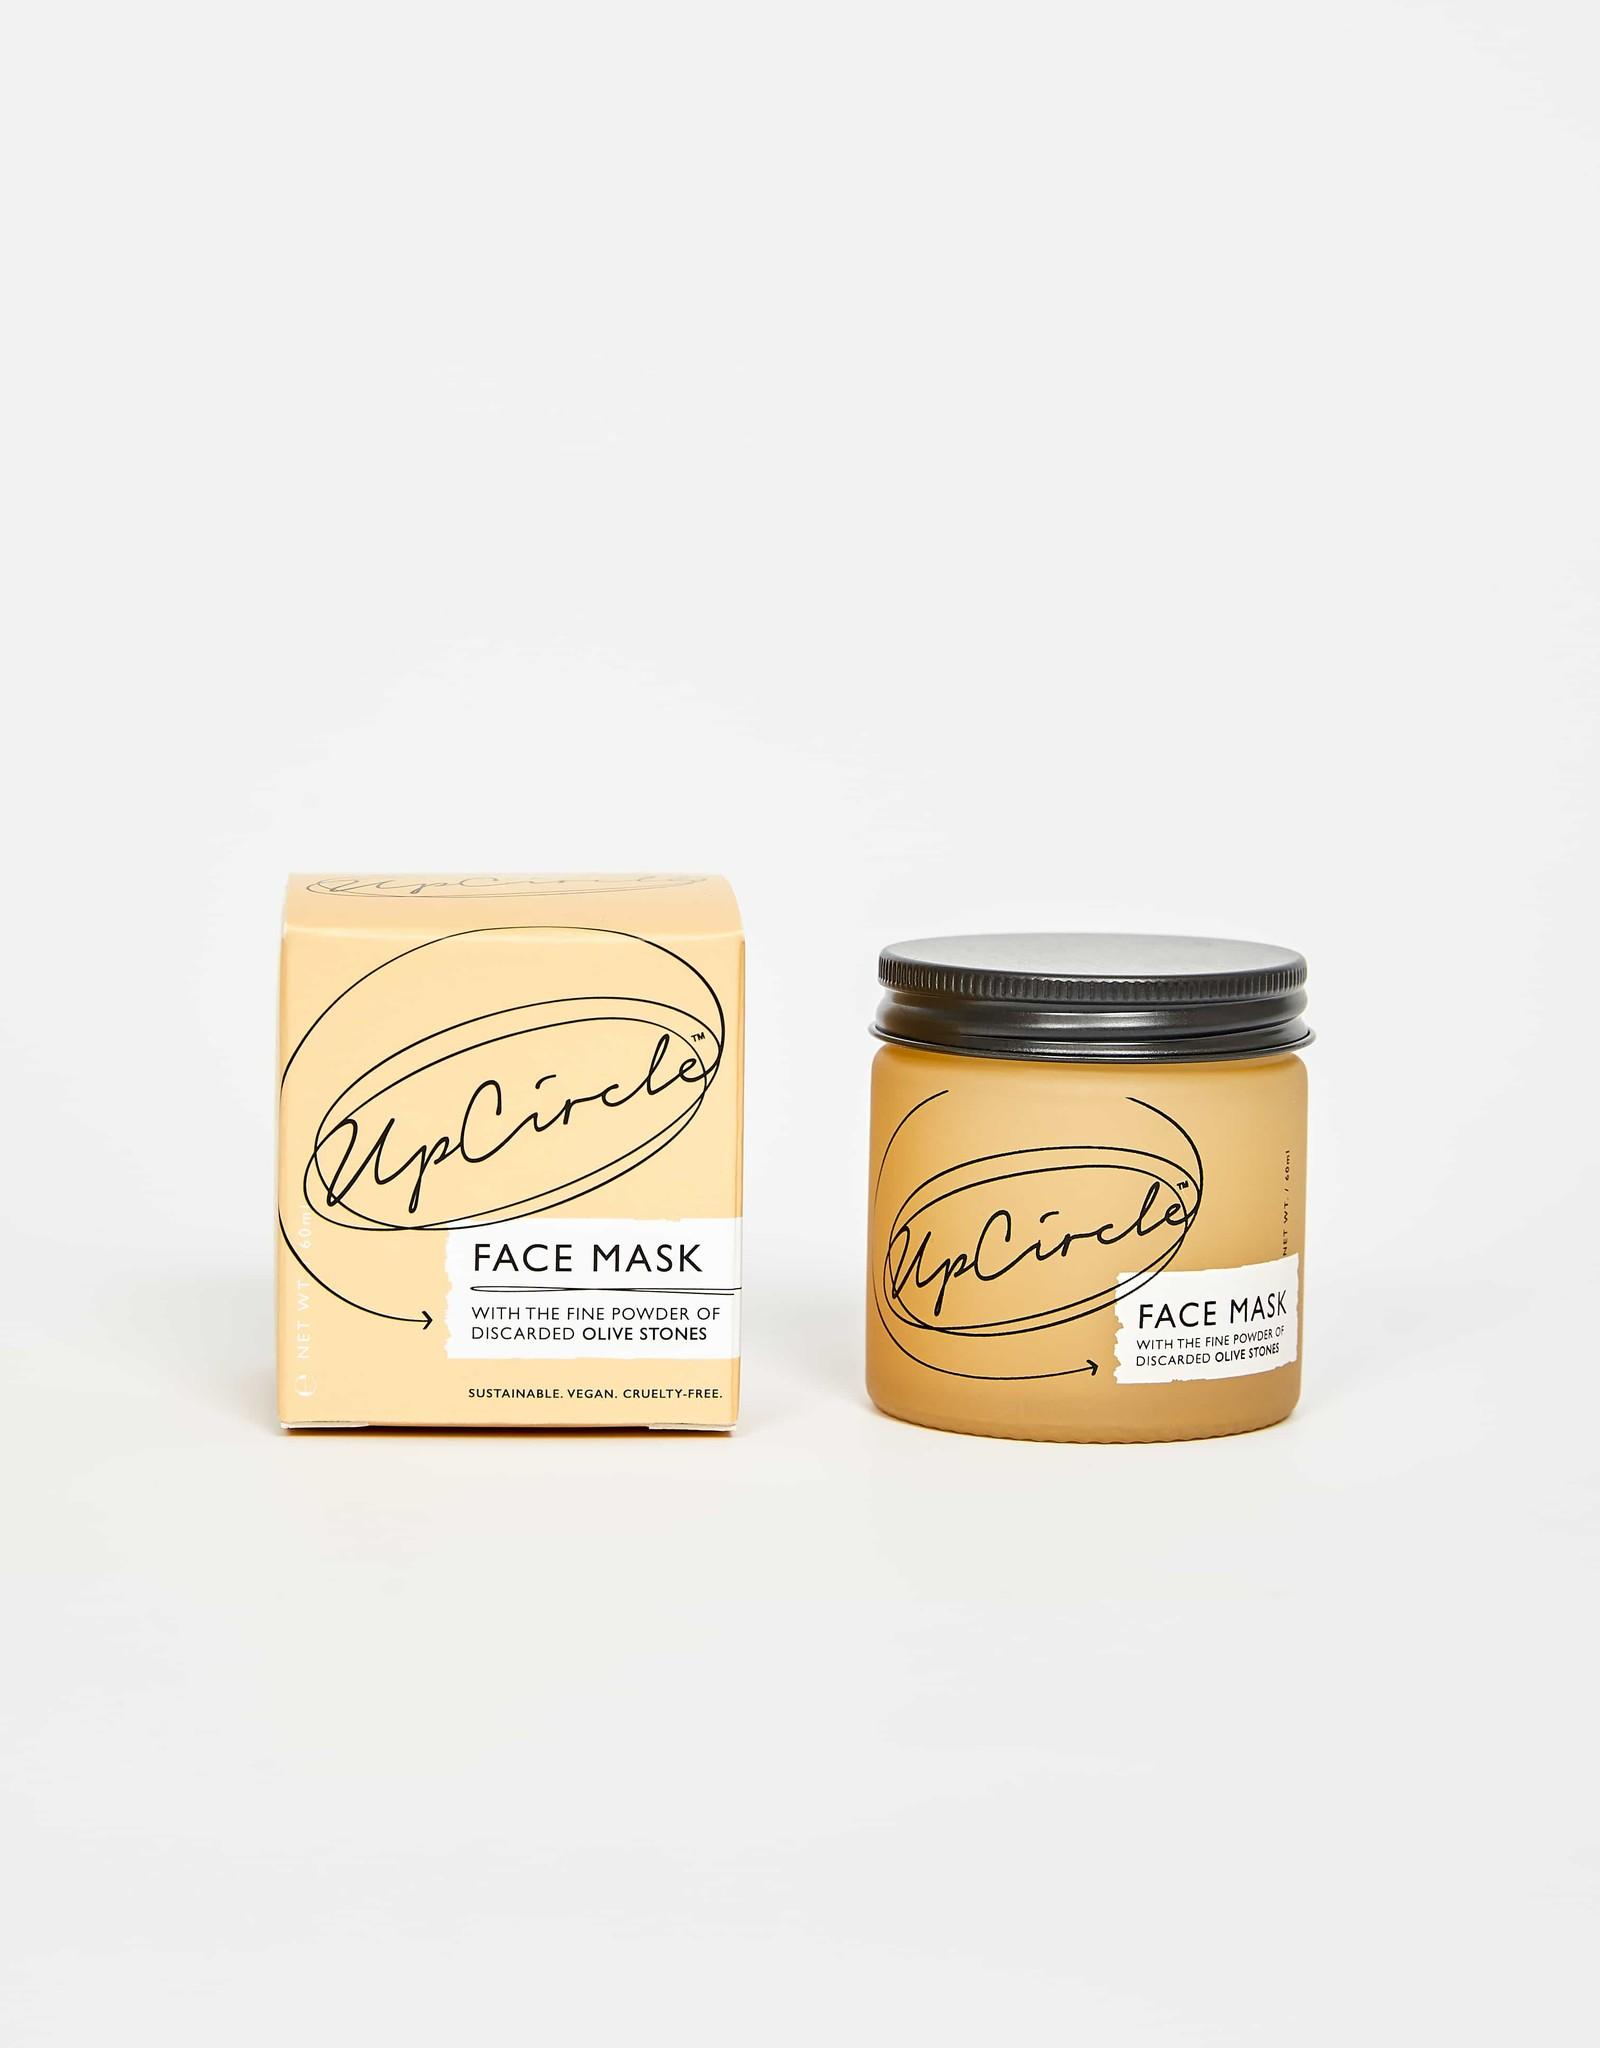 UpCircle Clarifying face mask